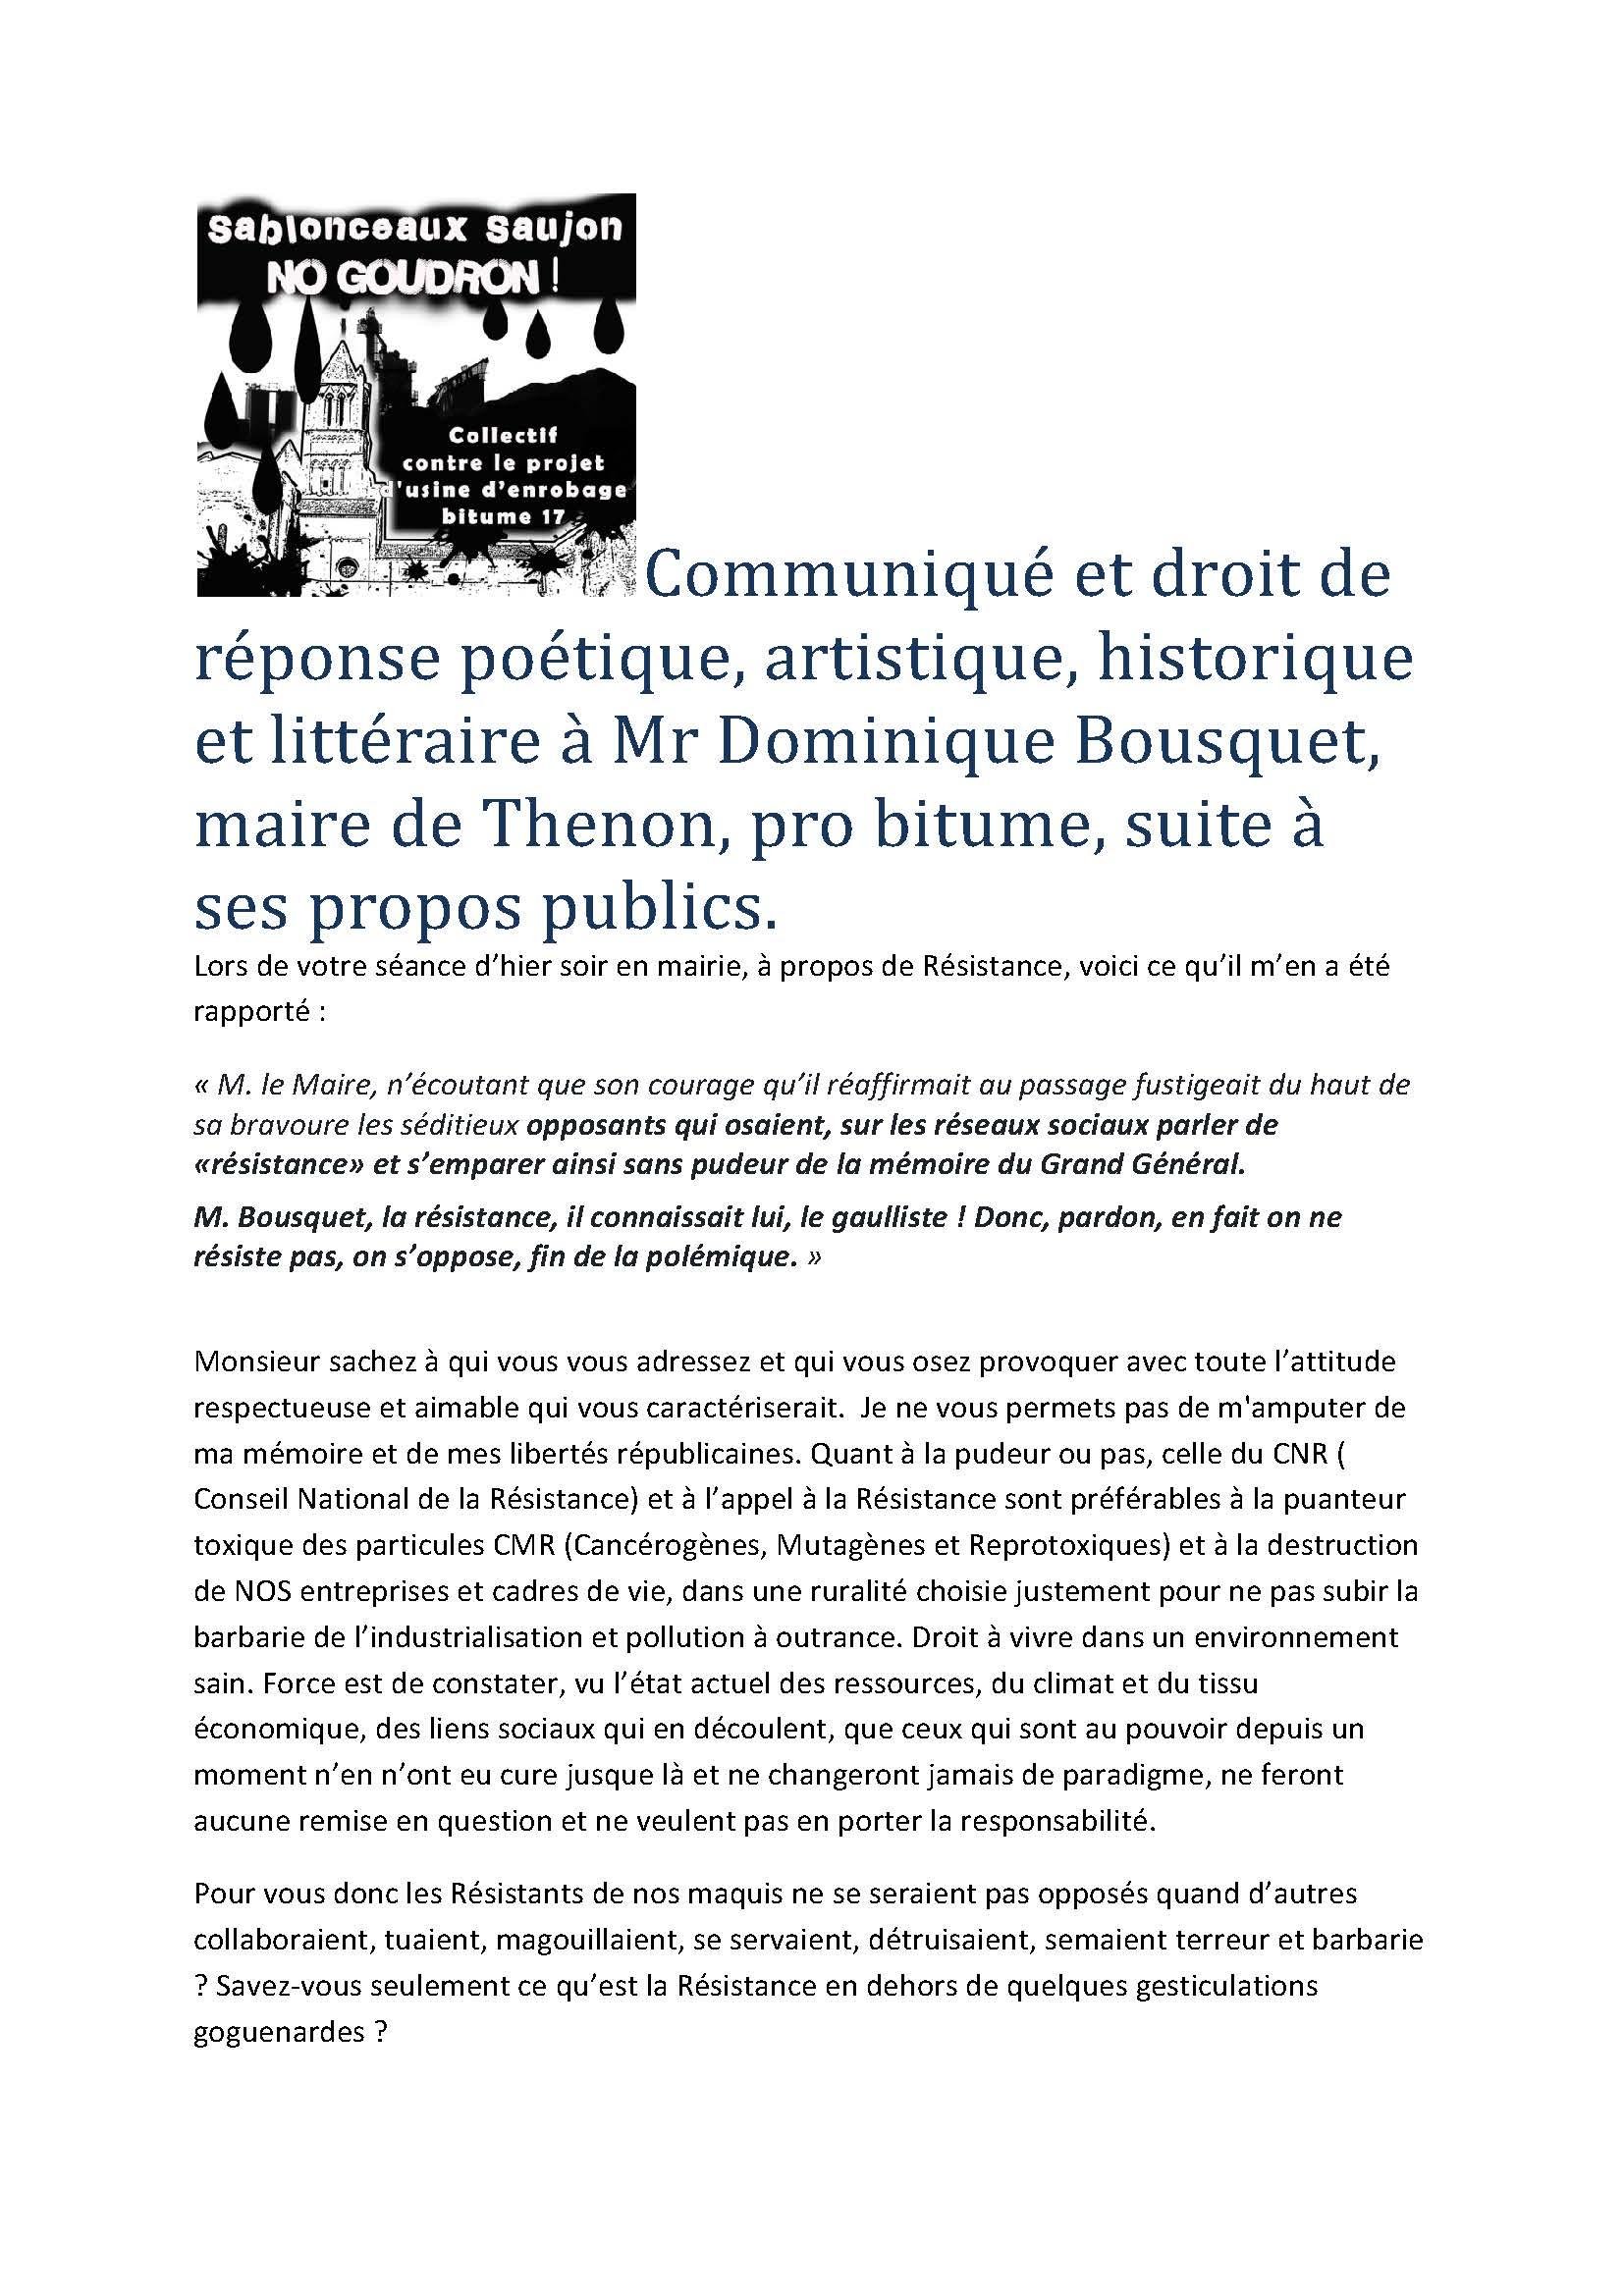 Communiqué et droit de réponse poétique et littéraire à Mr Dominique Bousquet_Page_01.jpg